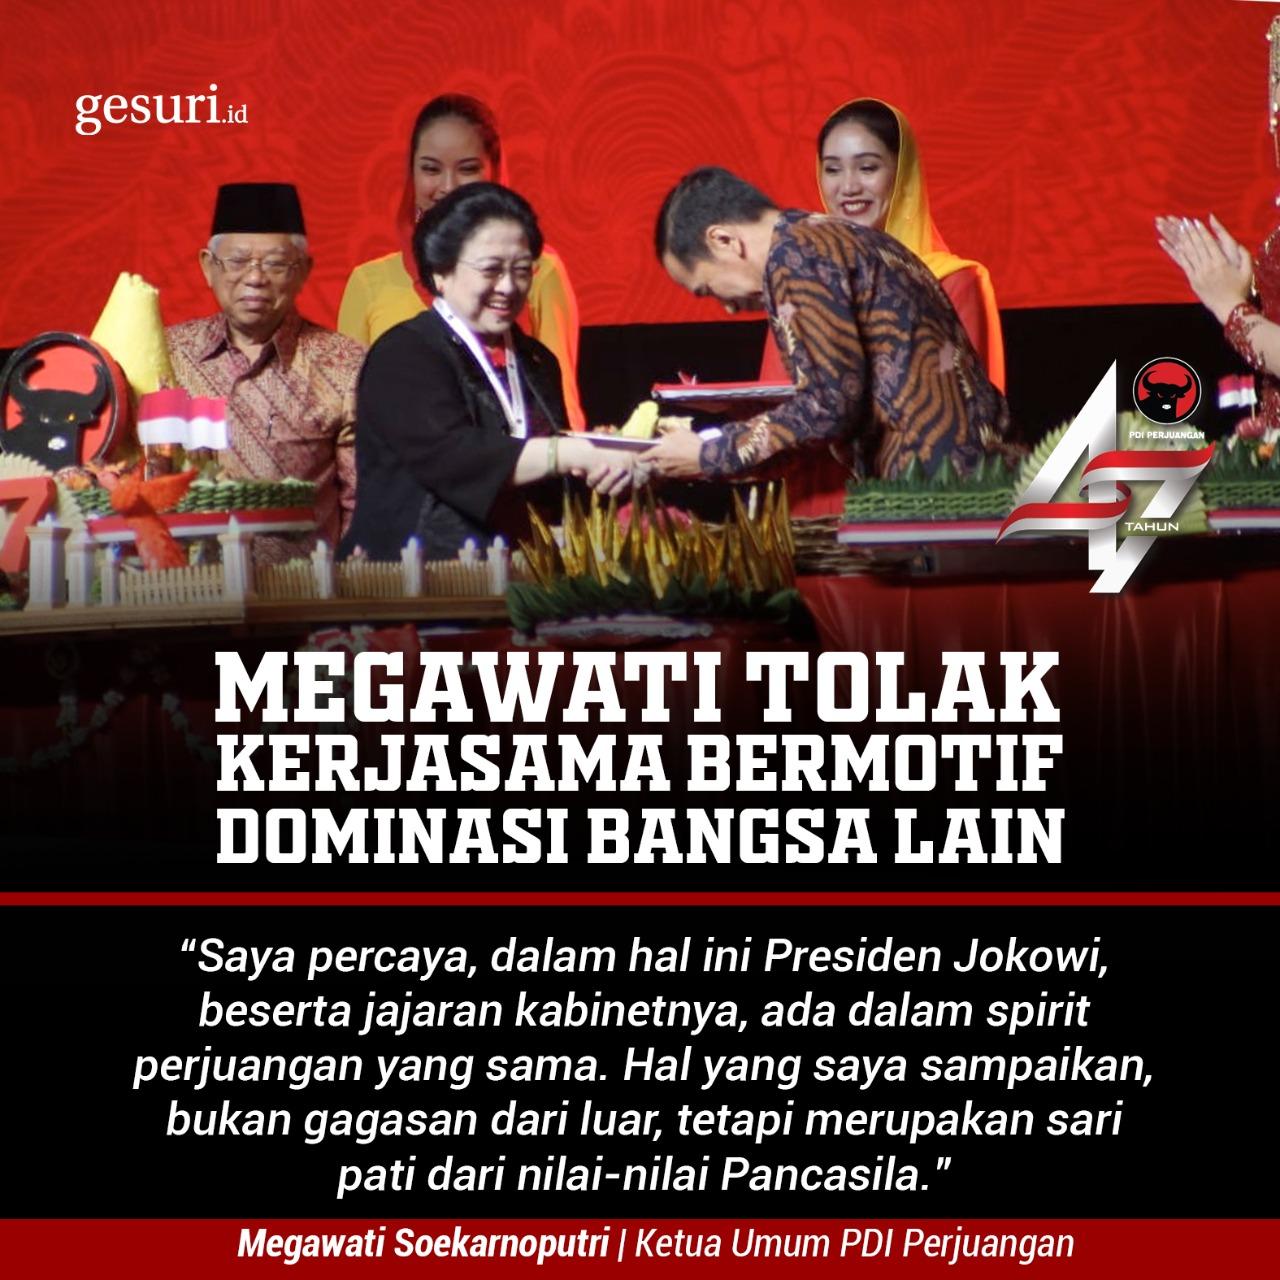 Megawati Tolak Kerjasama Bermotif Dominasi Bangsa Lain